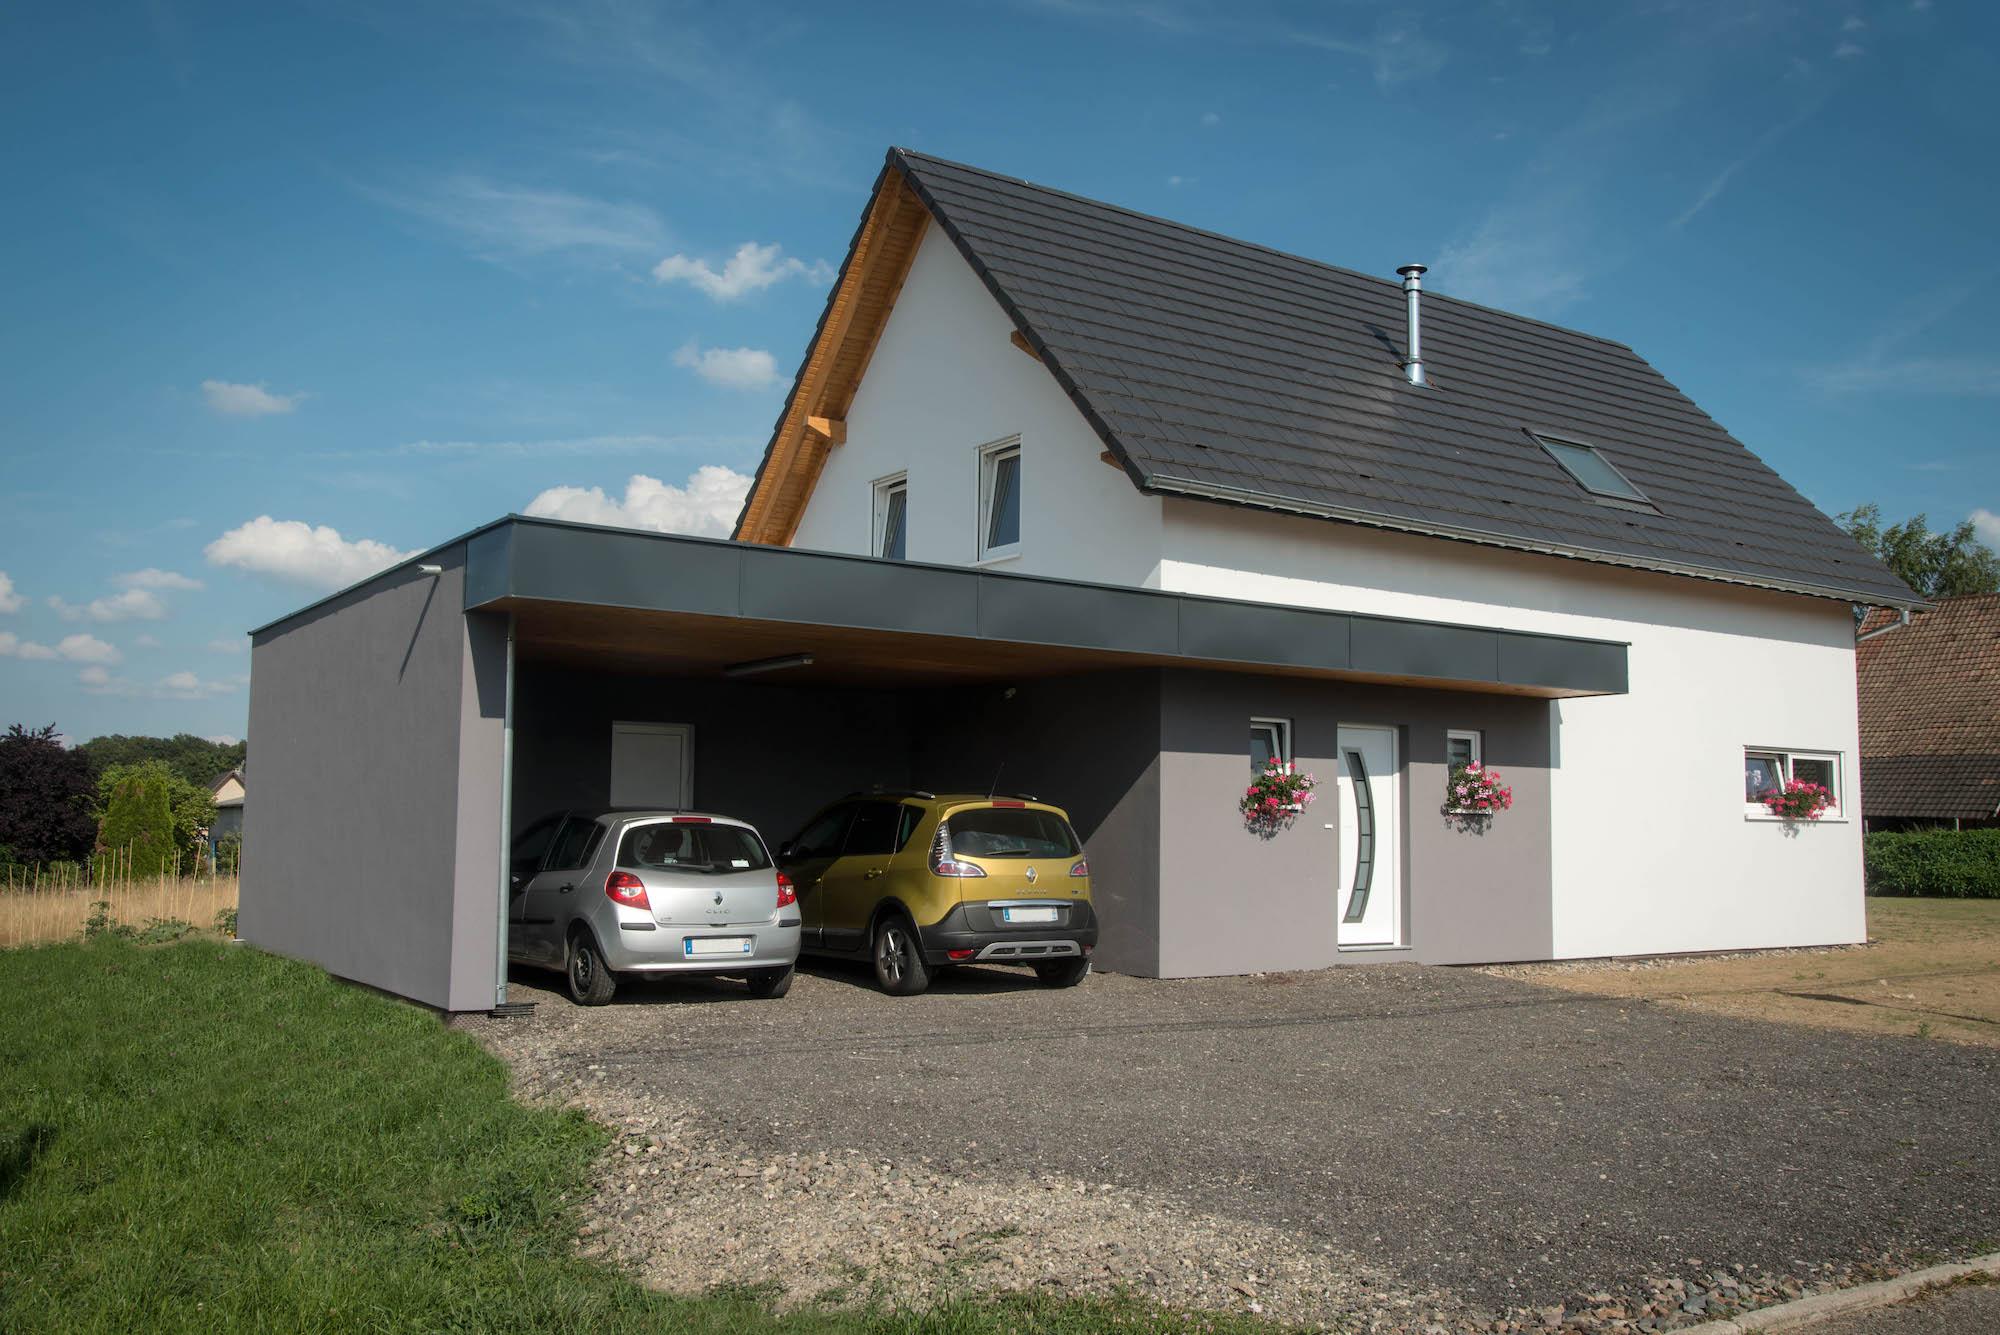 Maison 2 pans et garage à toit plat - Romagny - Maisons ABT